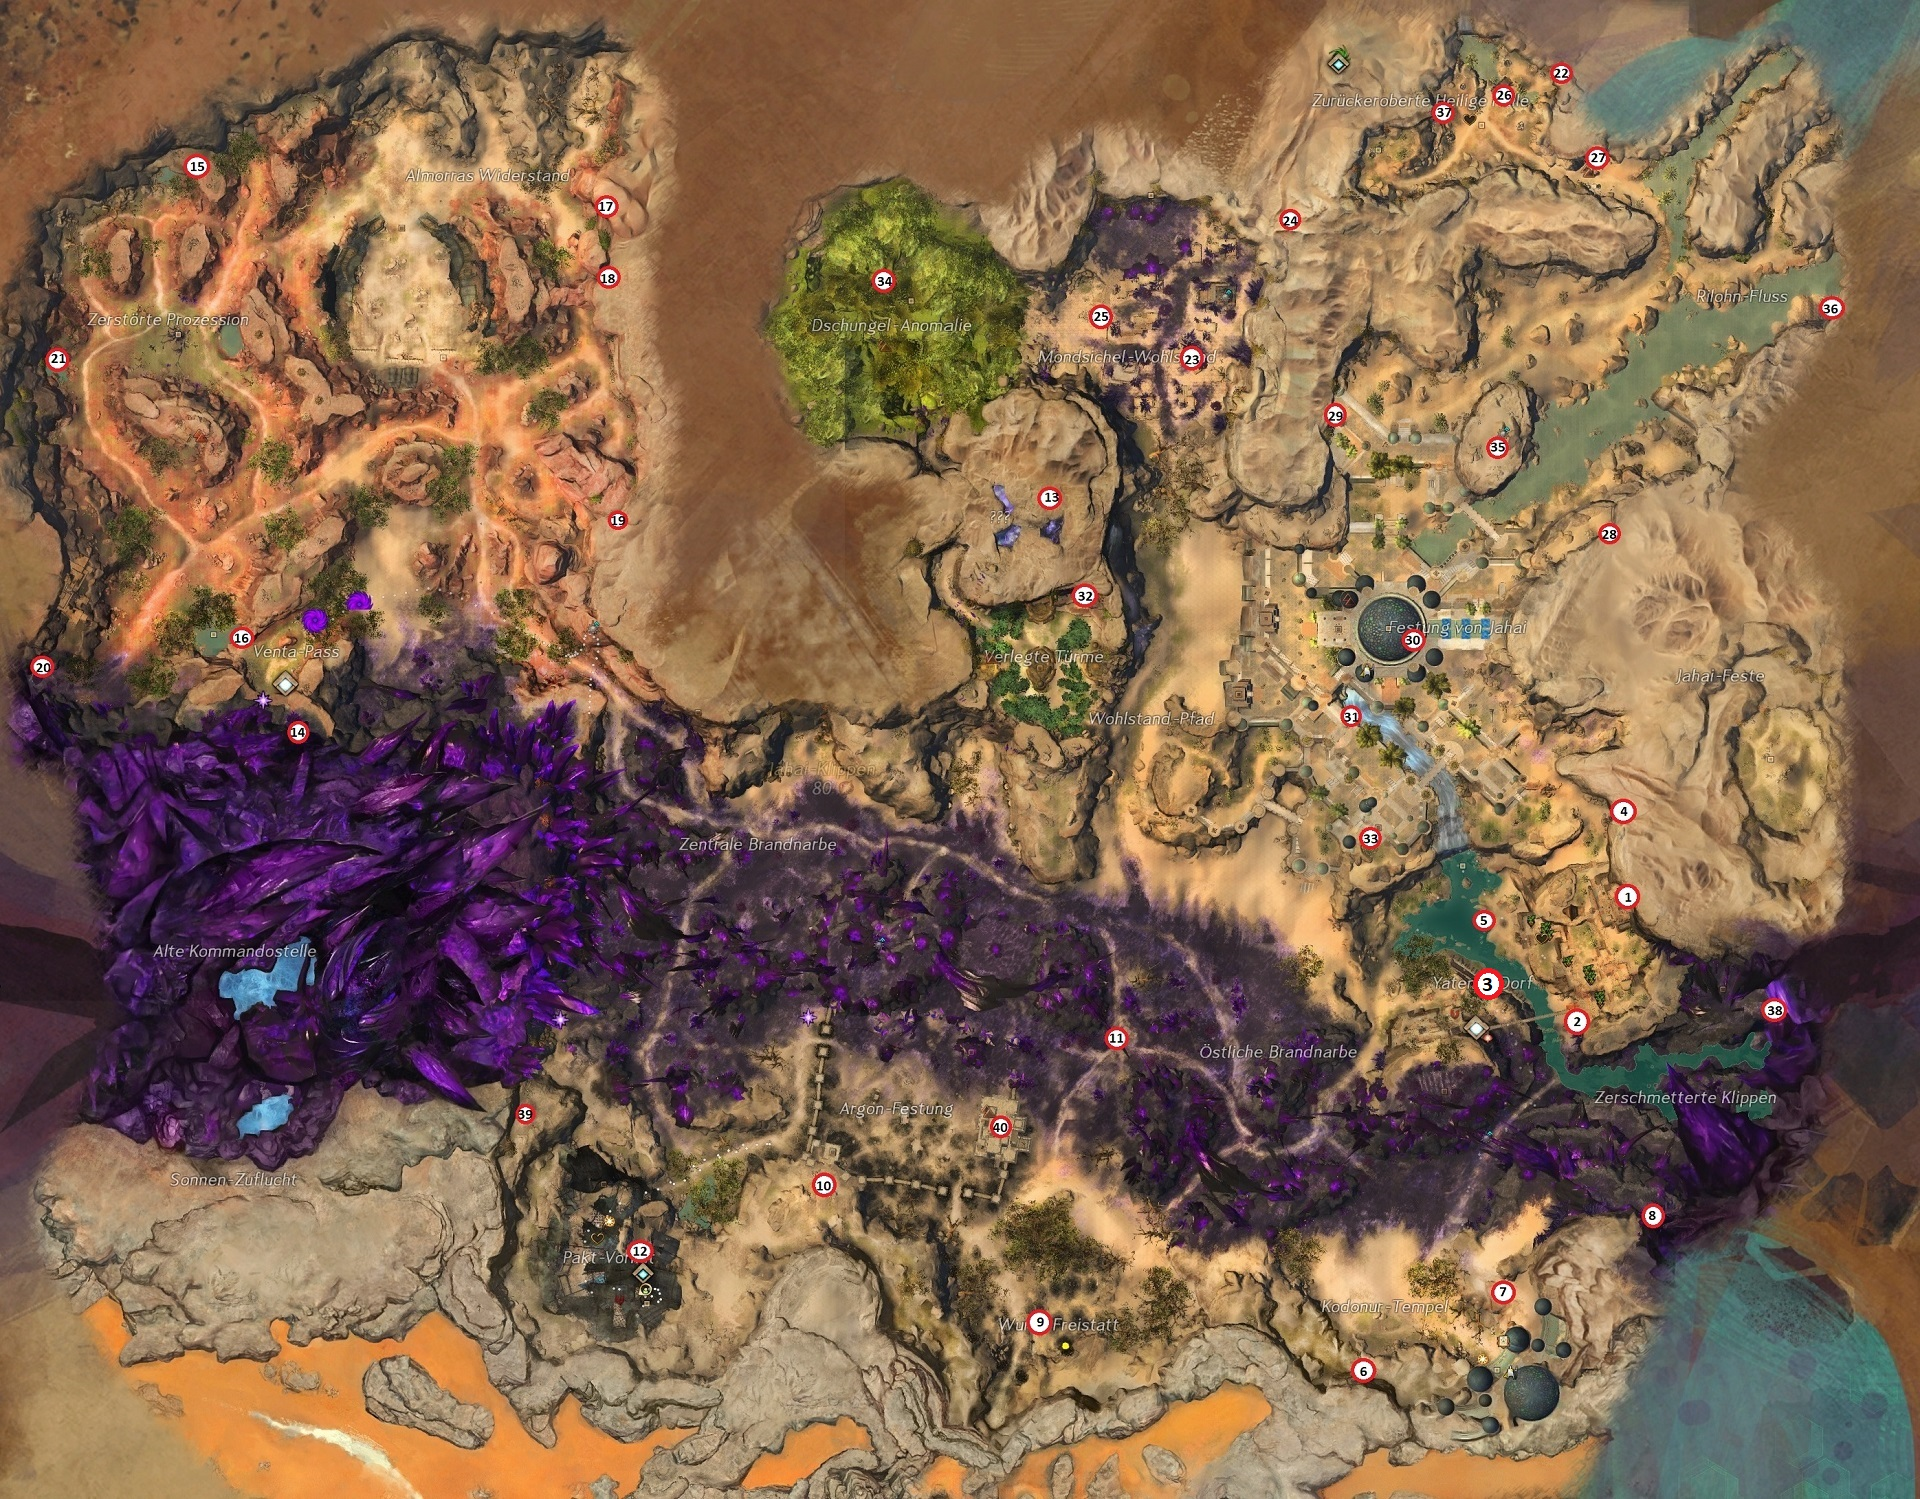 Gw2 Karte.Unser Leitstern Der Große Guide Münzen Von Jahai Guildnews